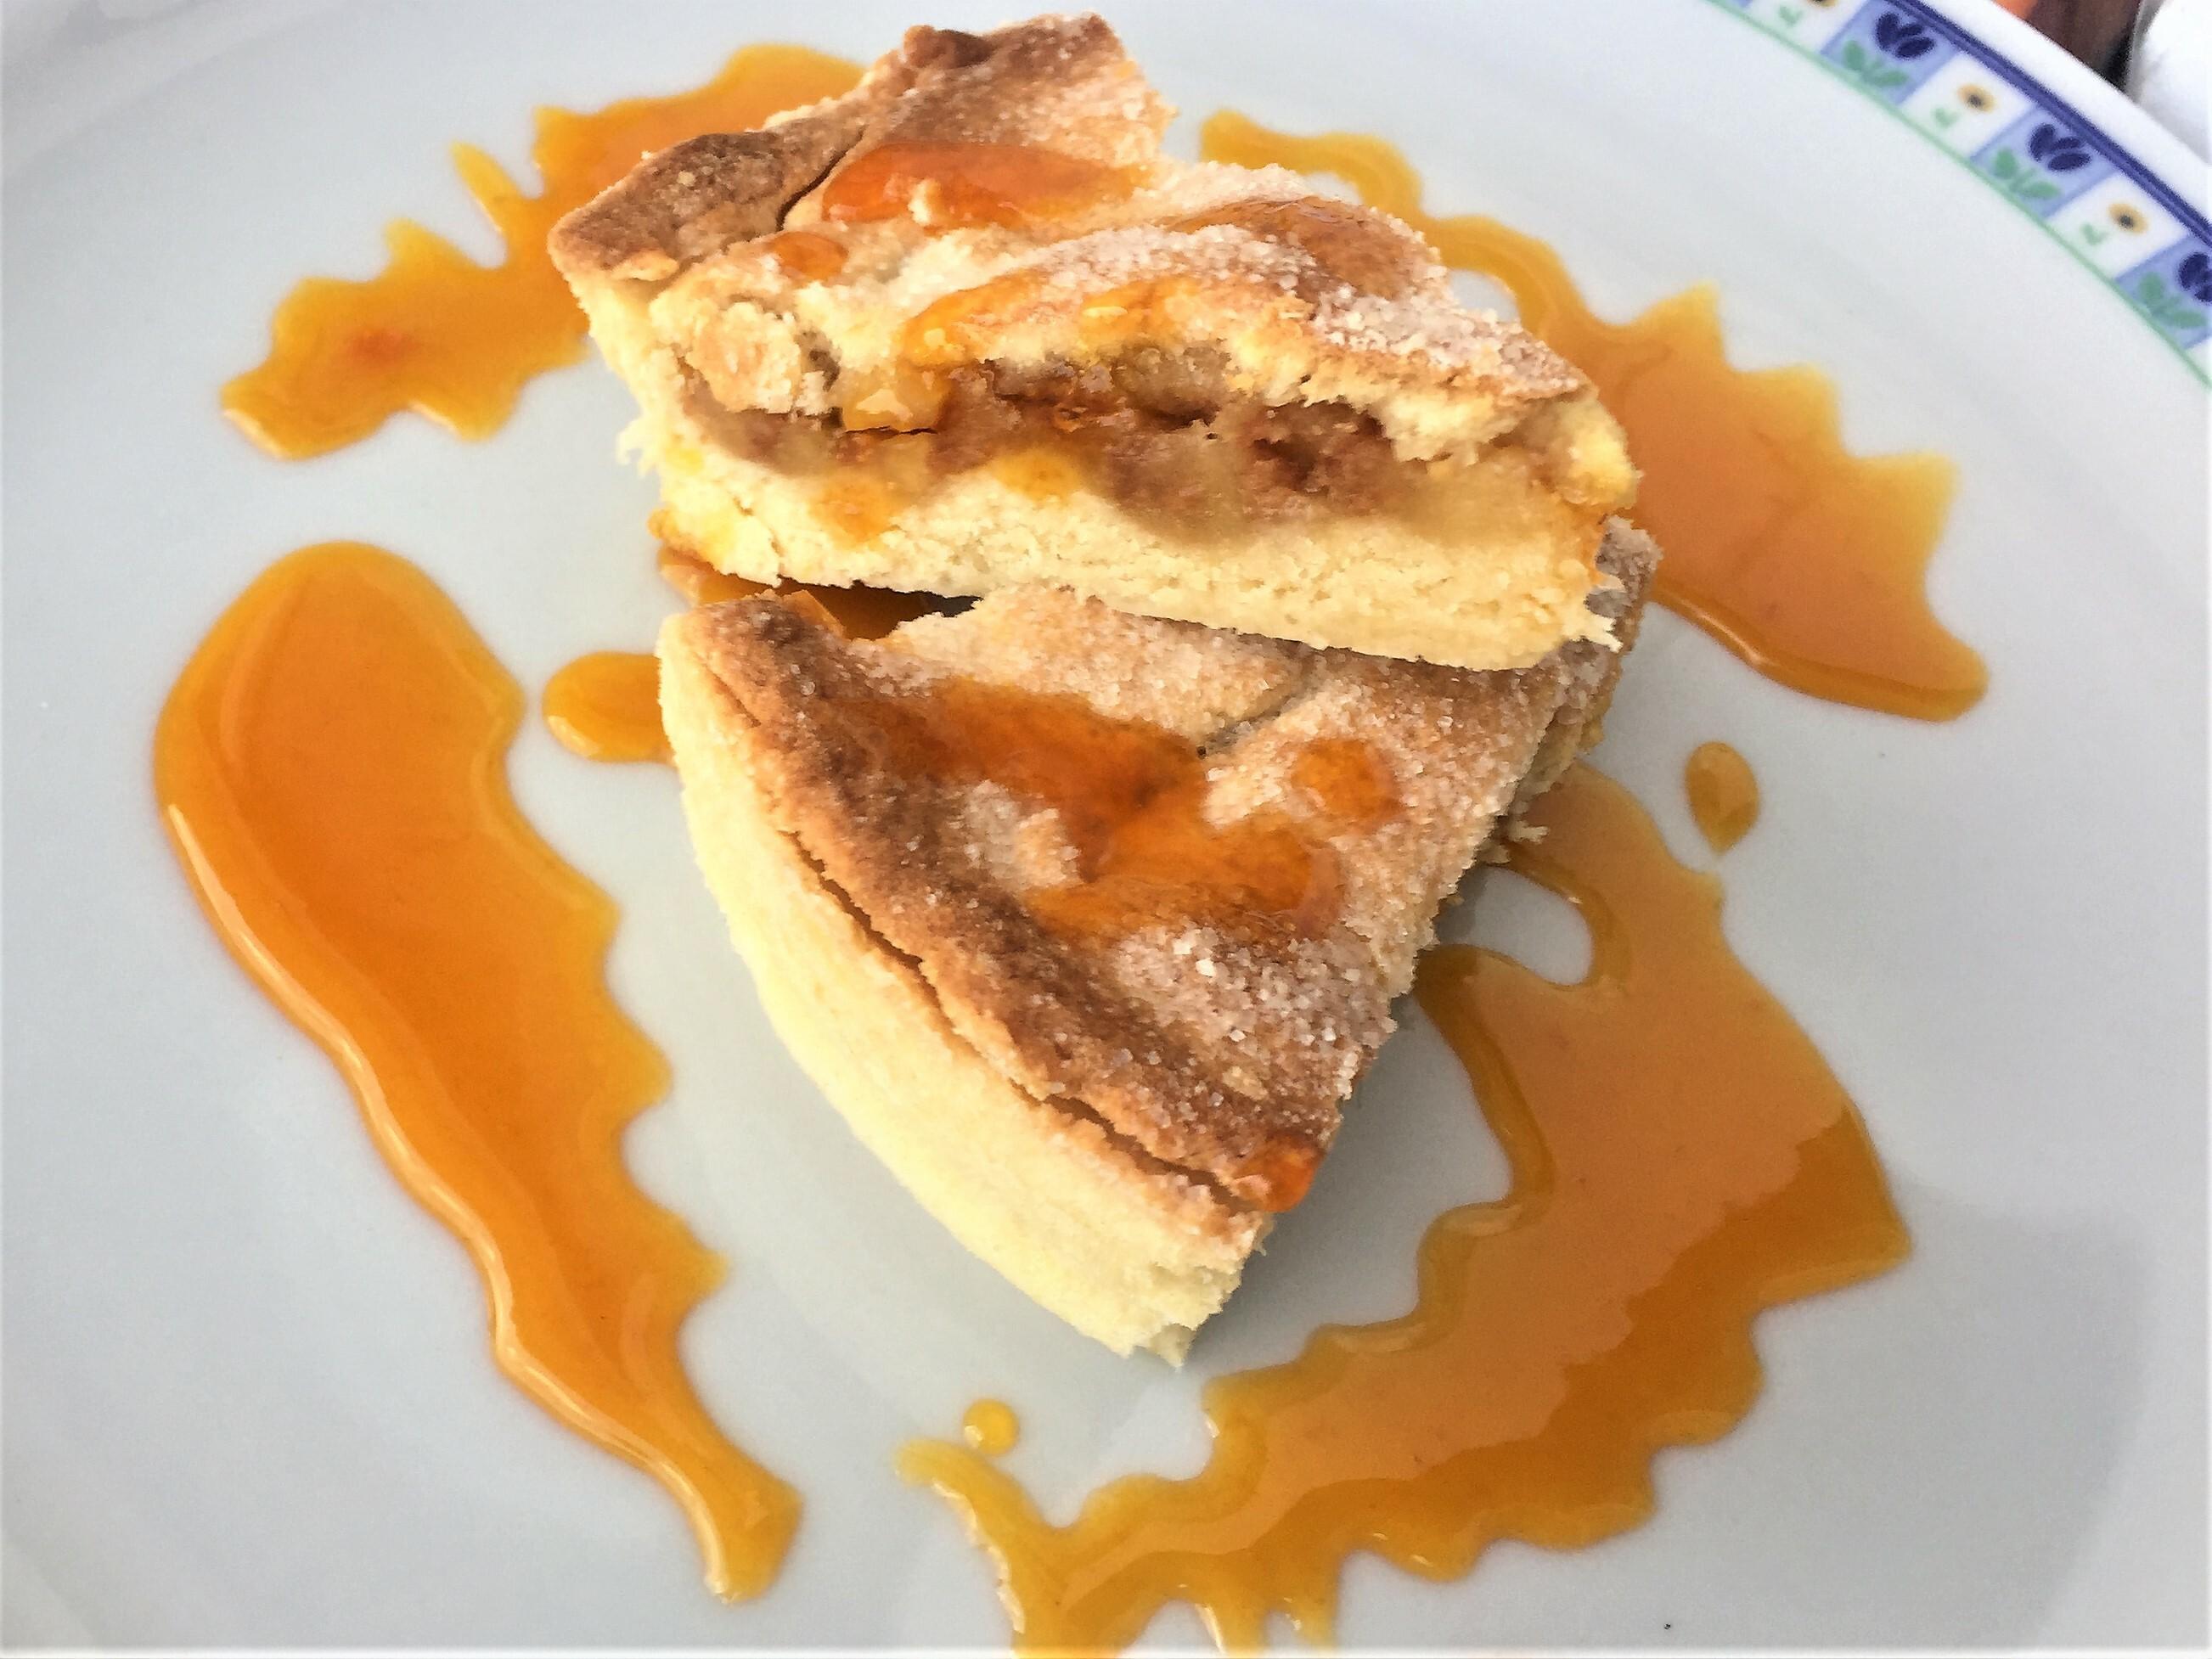 Torta-di-mele-con-amaretto-e-salsa-di-mandarino